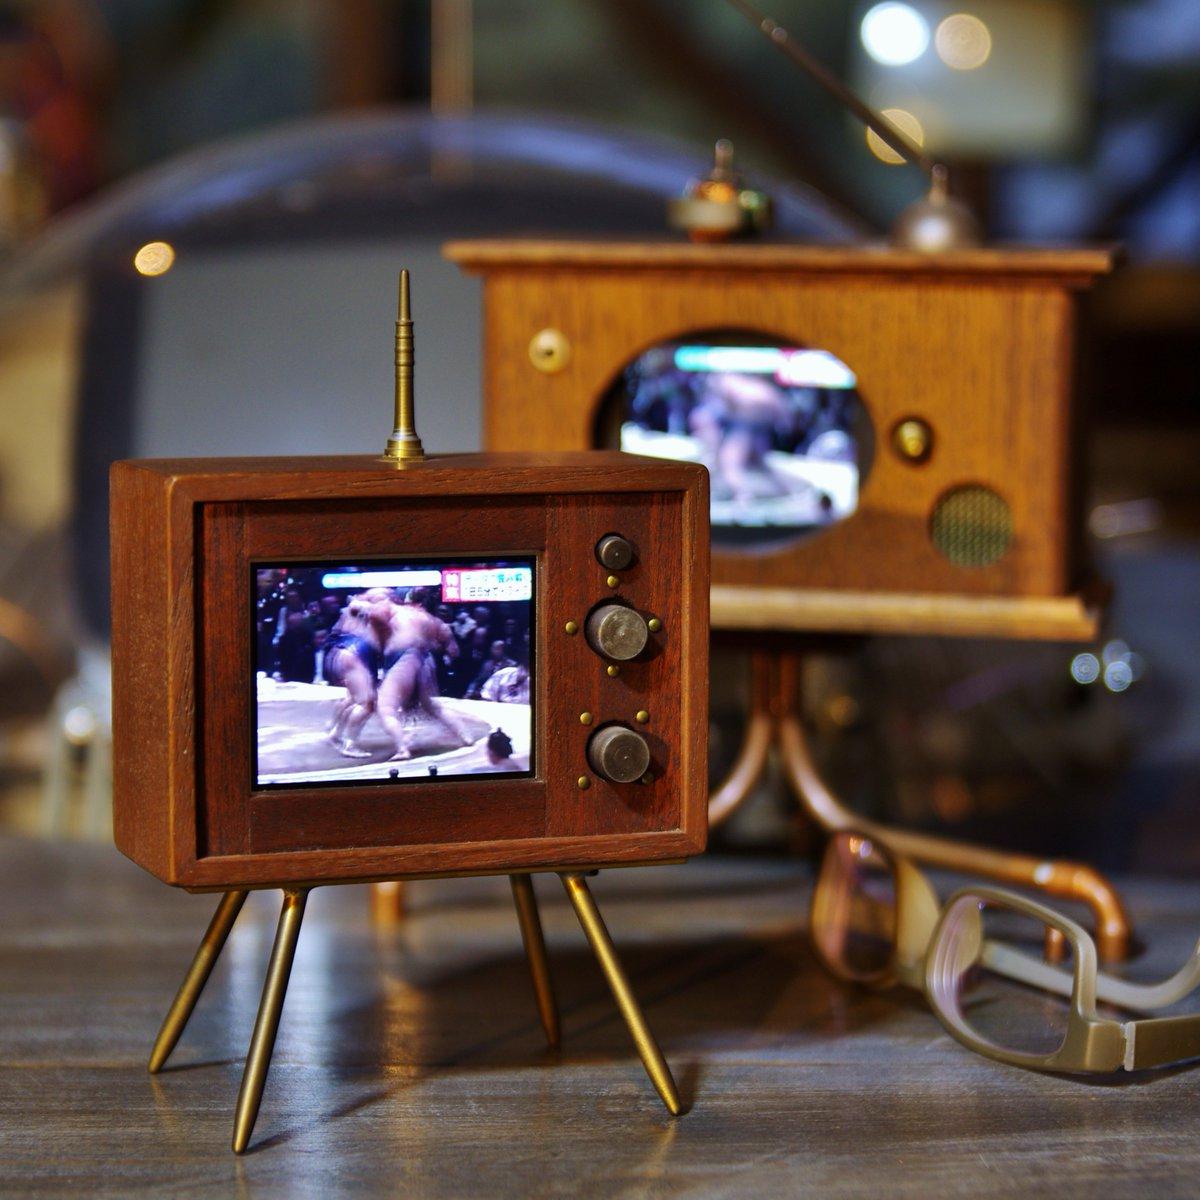 「小さいテレビは作らないのですか?」とよく聞かれるのですが、実は幾つか制作してます。画面の大きさは名刺半分ほど。手前は乾電池2本、奥は4本使用。ワンセグ電波を受信できる地域なら机の上やベランダでテレビを視聴できます。使用木材:チーク pic.twitter.com/8bhDjjhACx